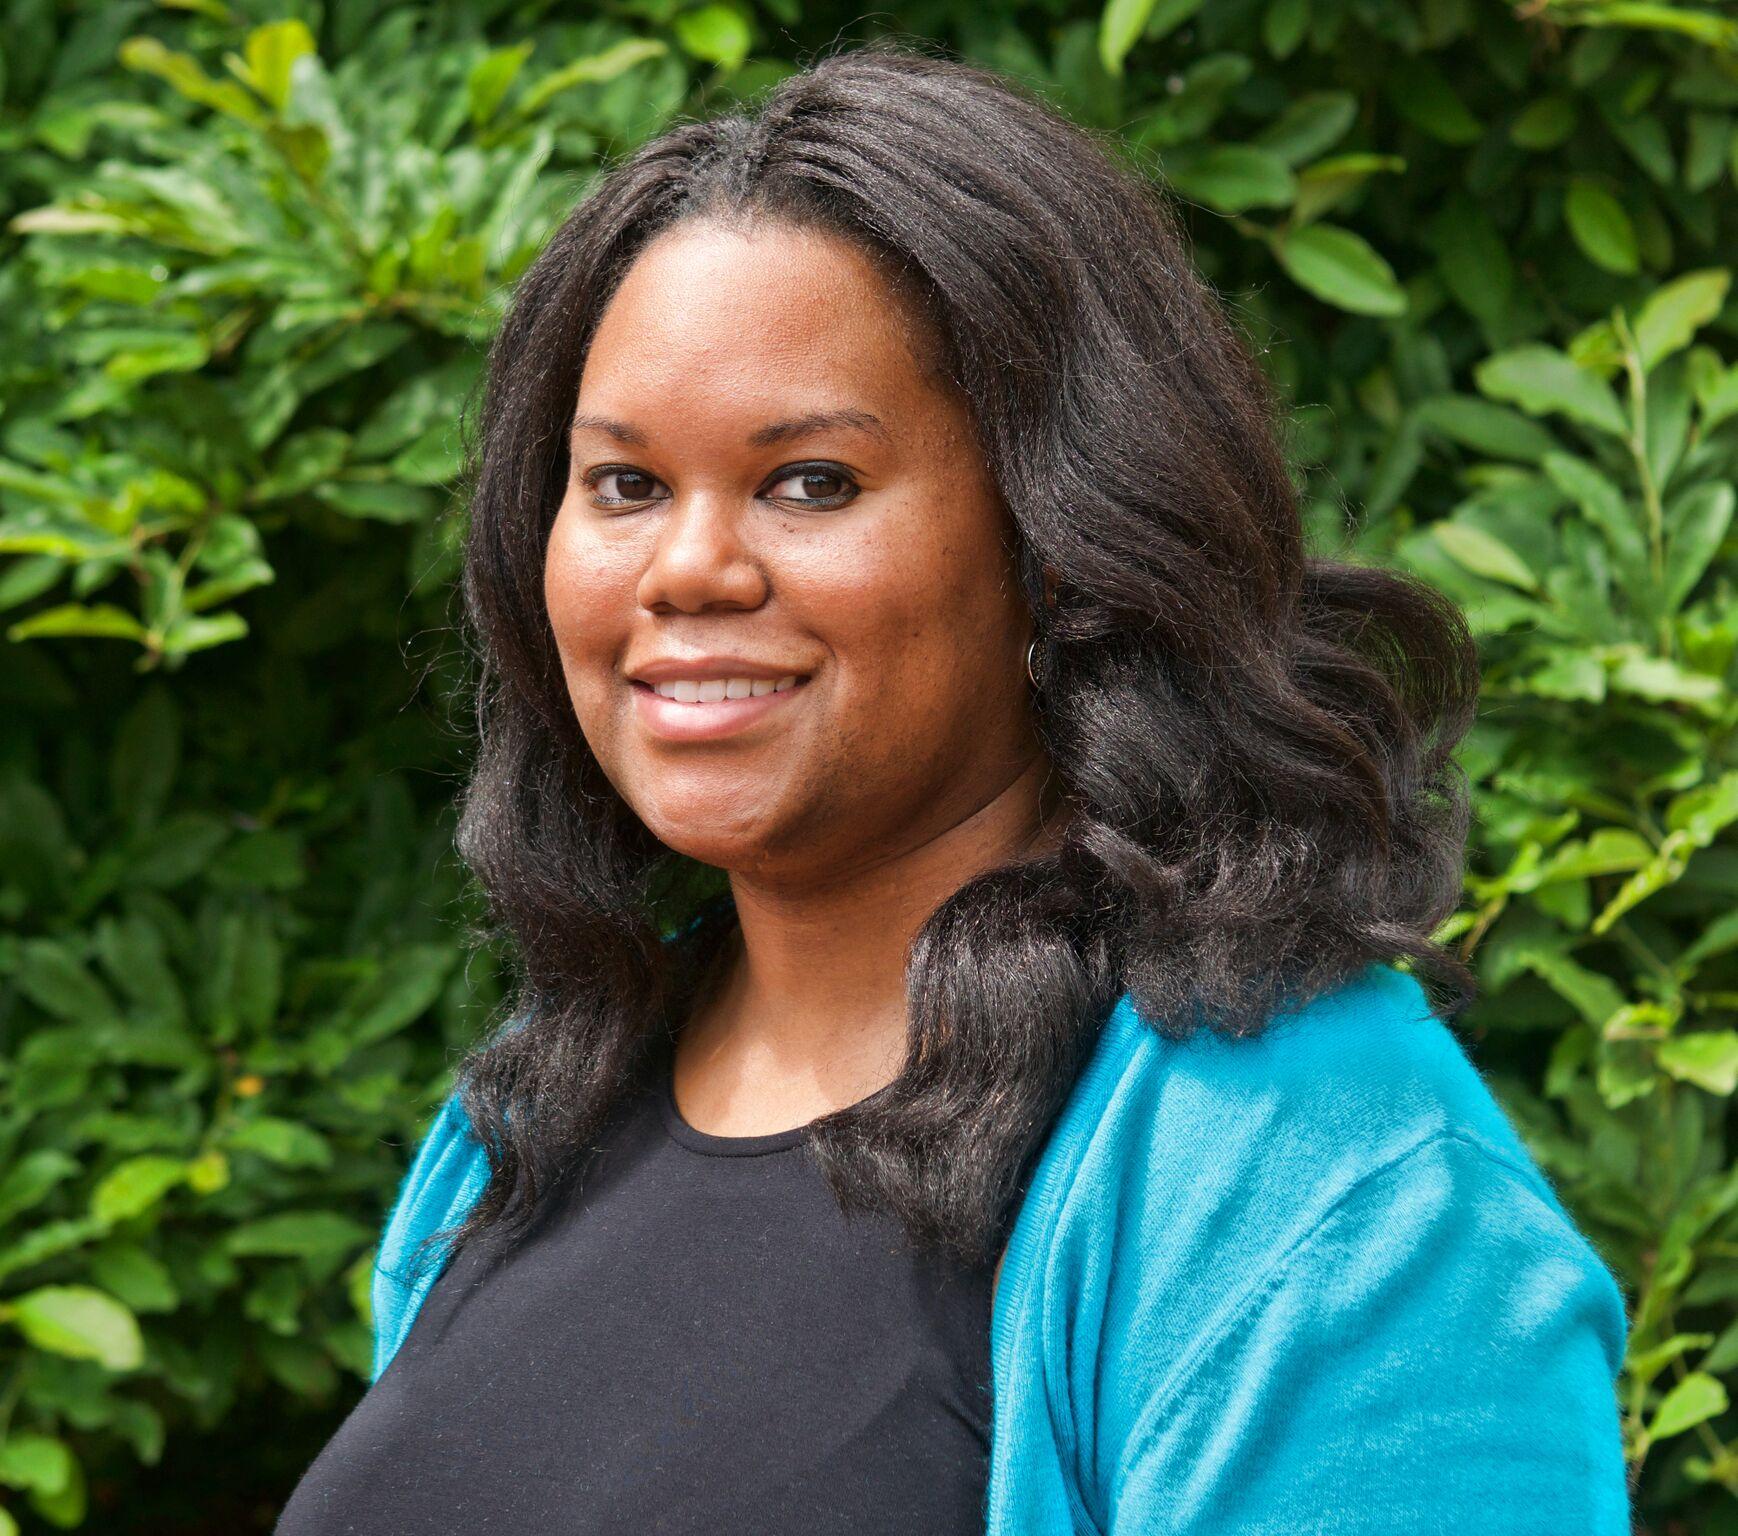 Tanaya Suddreth Lynch